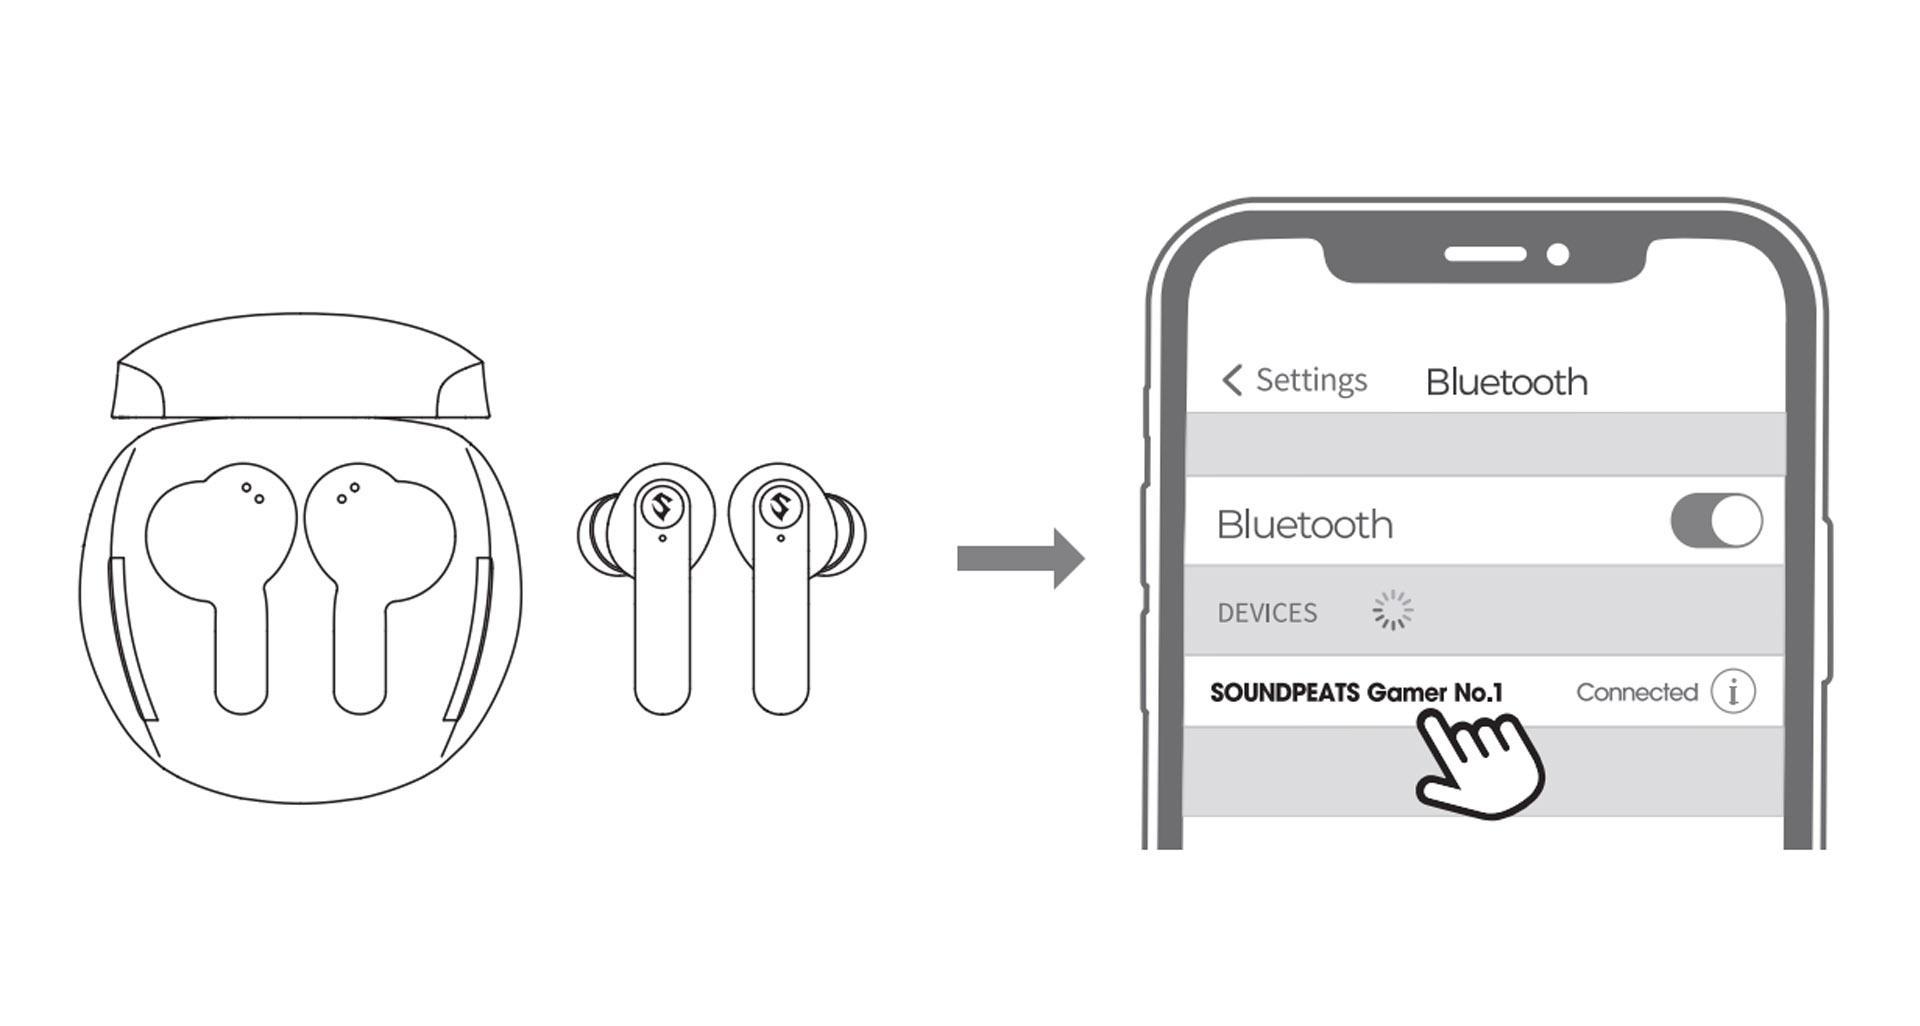 hướng dẫn sử dụng tai nghe SoundPEATS gamer no1